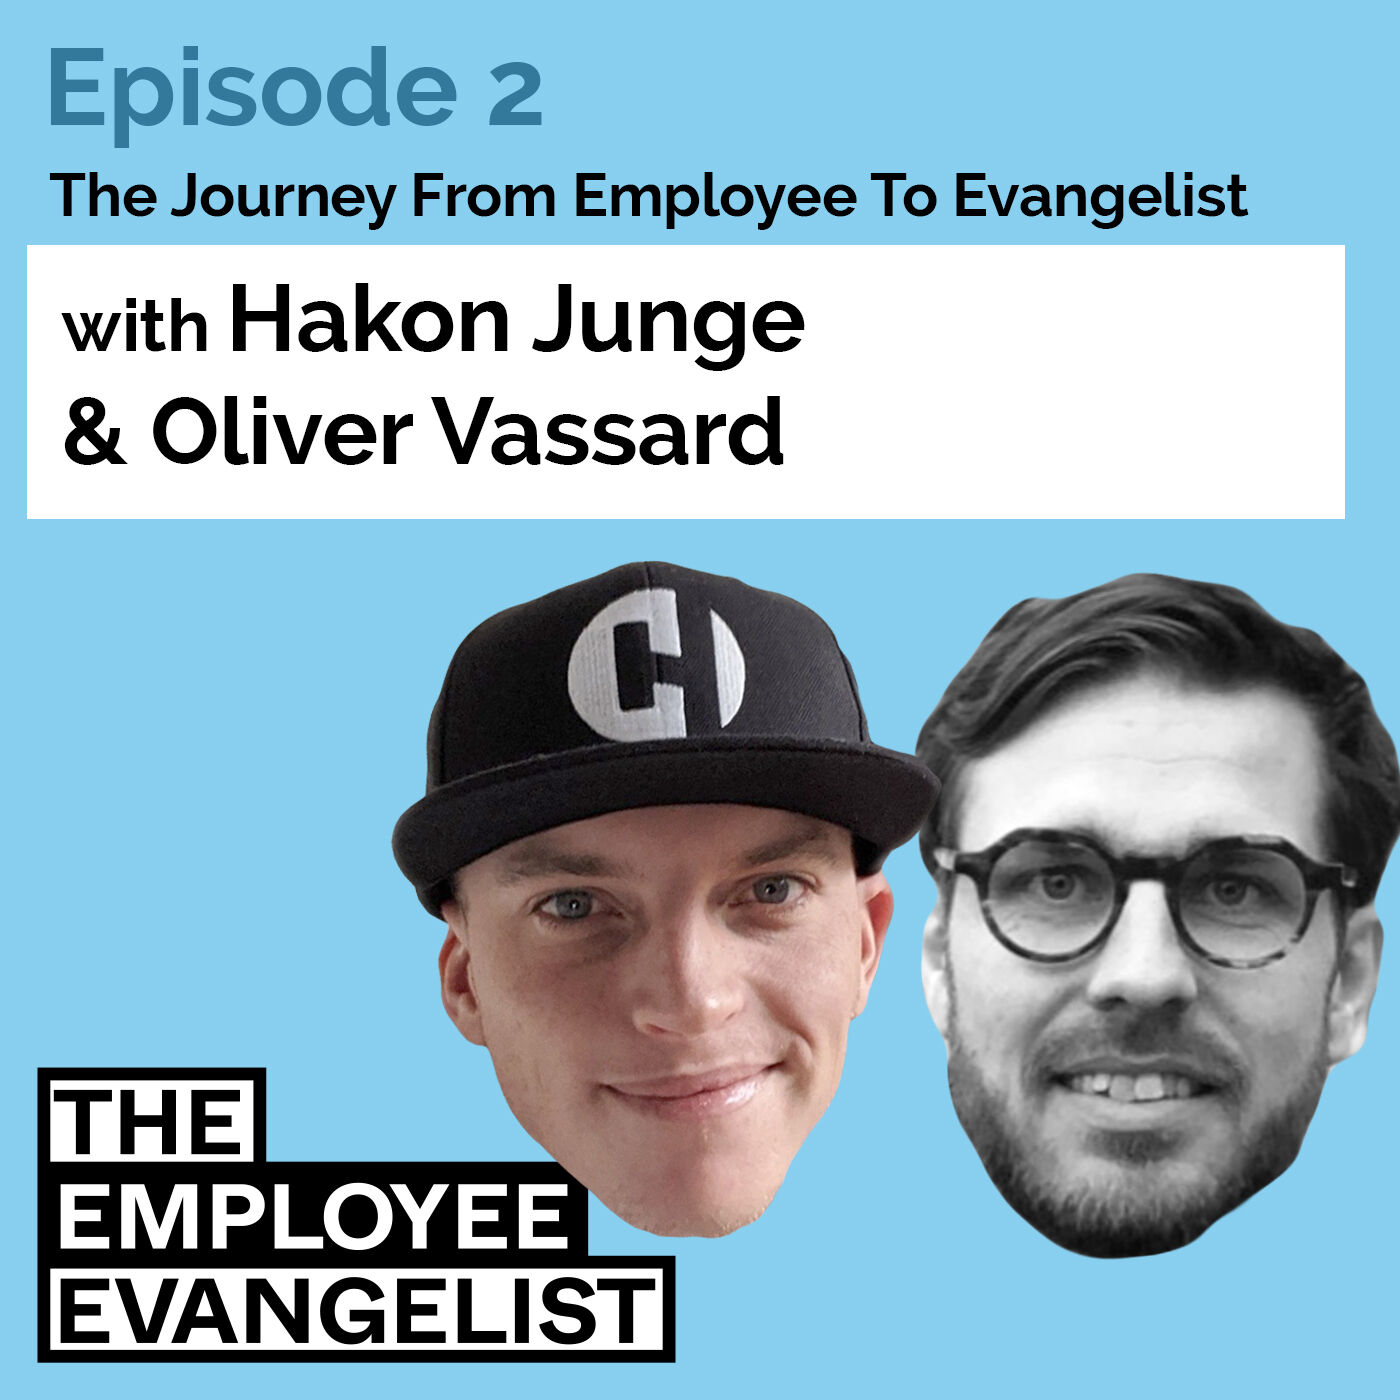 Episode 2: The Employee Evangelist with Oliver Vassard